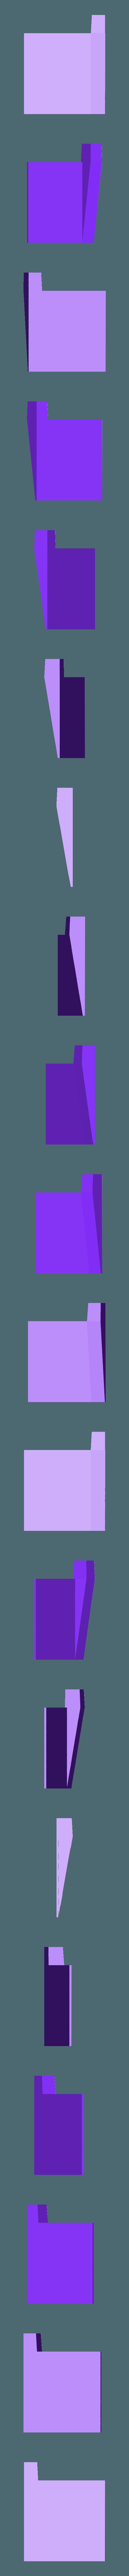 Benchy_Notes_Flag_revB.stl Télécharger fichier STL gratuit Drapeau de Benchy Notes • Objet pour imprimante 3D, ThinkSolutions